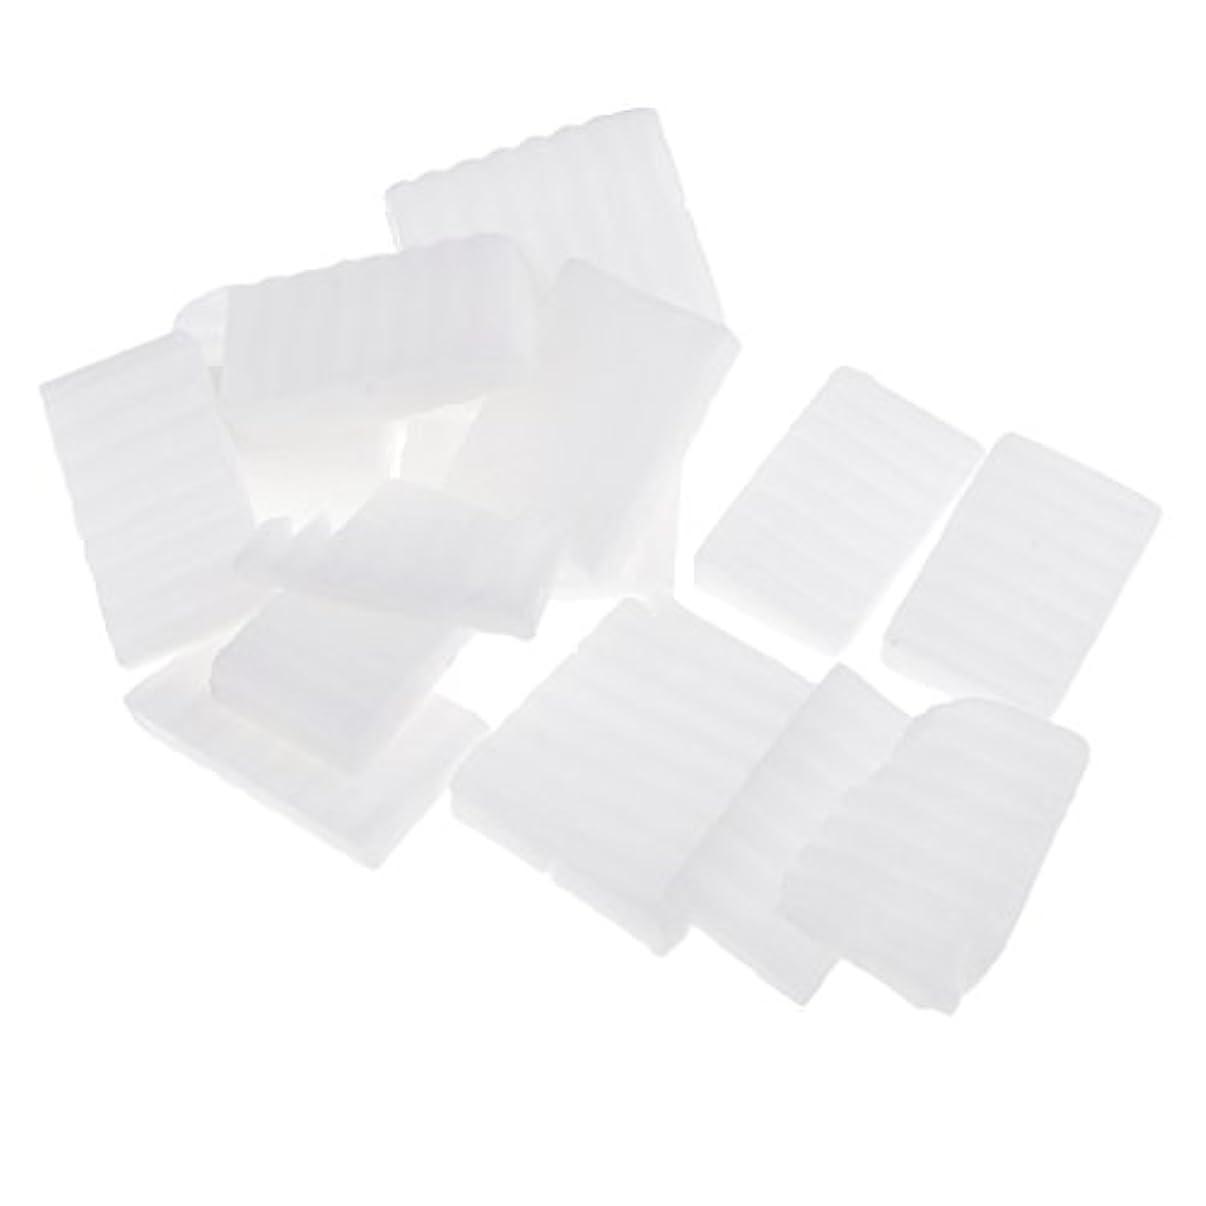 ドリンク観察コークスPerfeclan 約500g ホワイト 石鹸ベース DIY 手作り 石鹸 材料